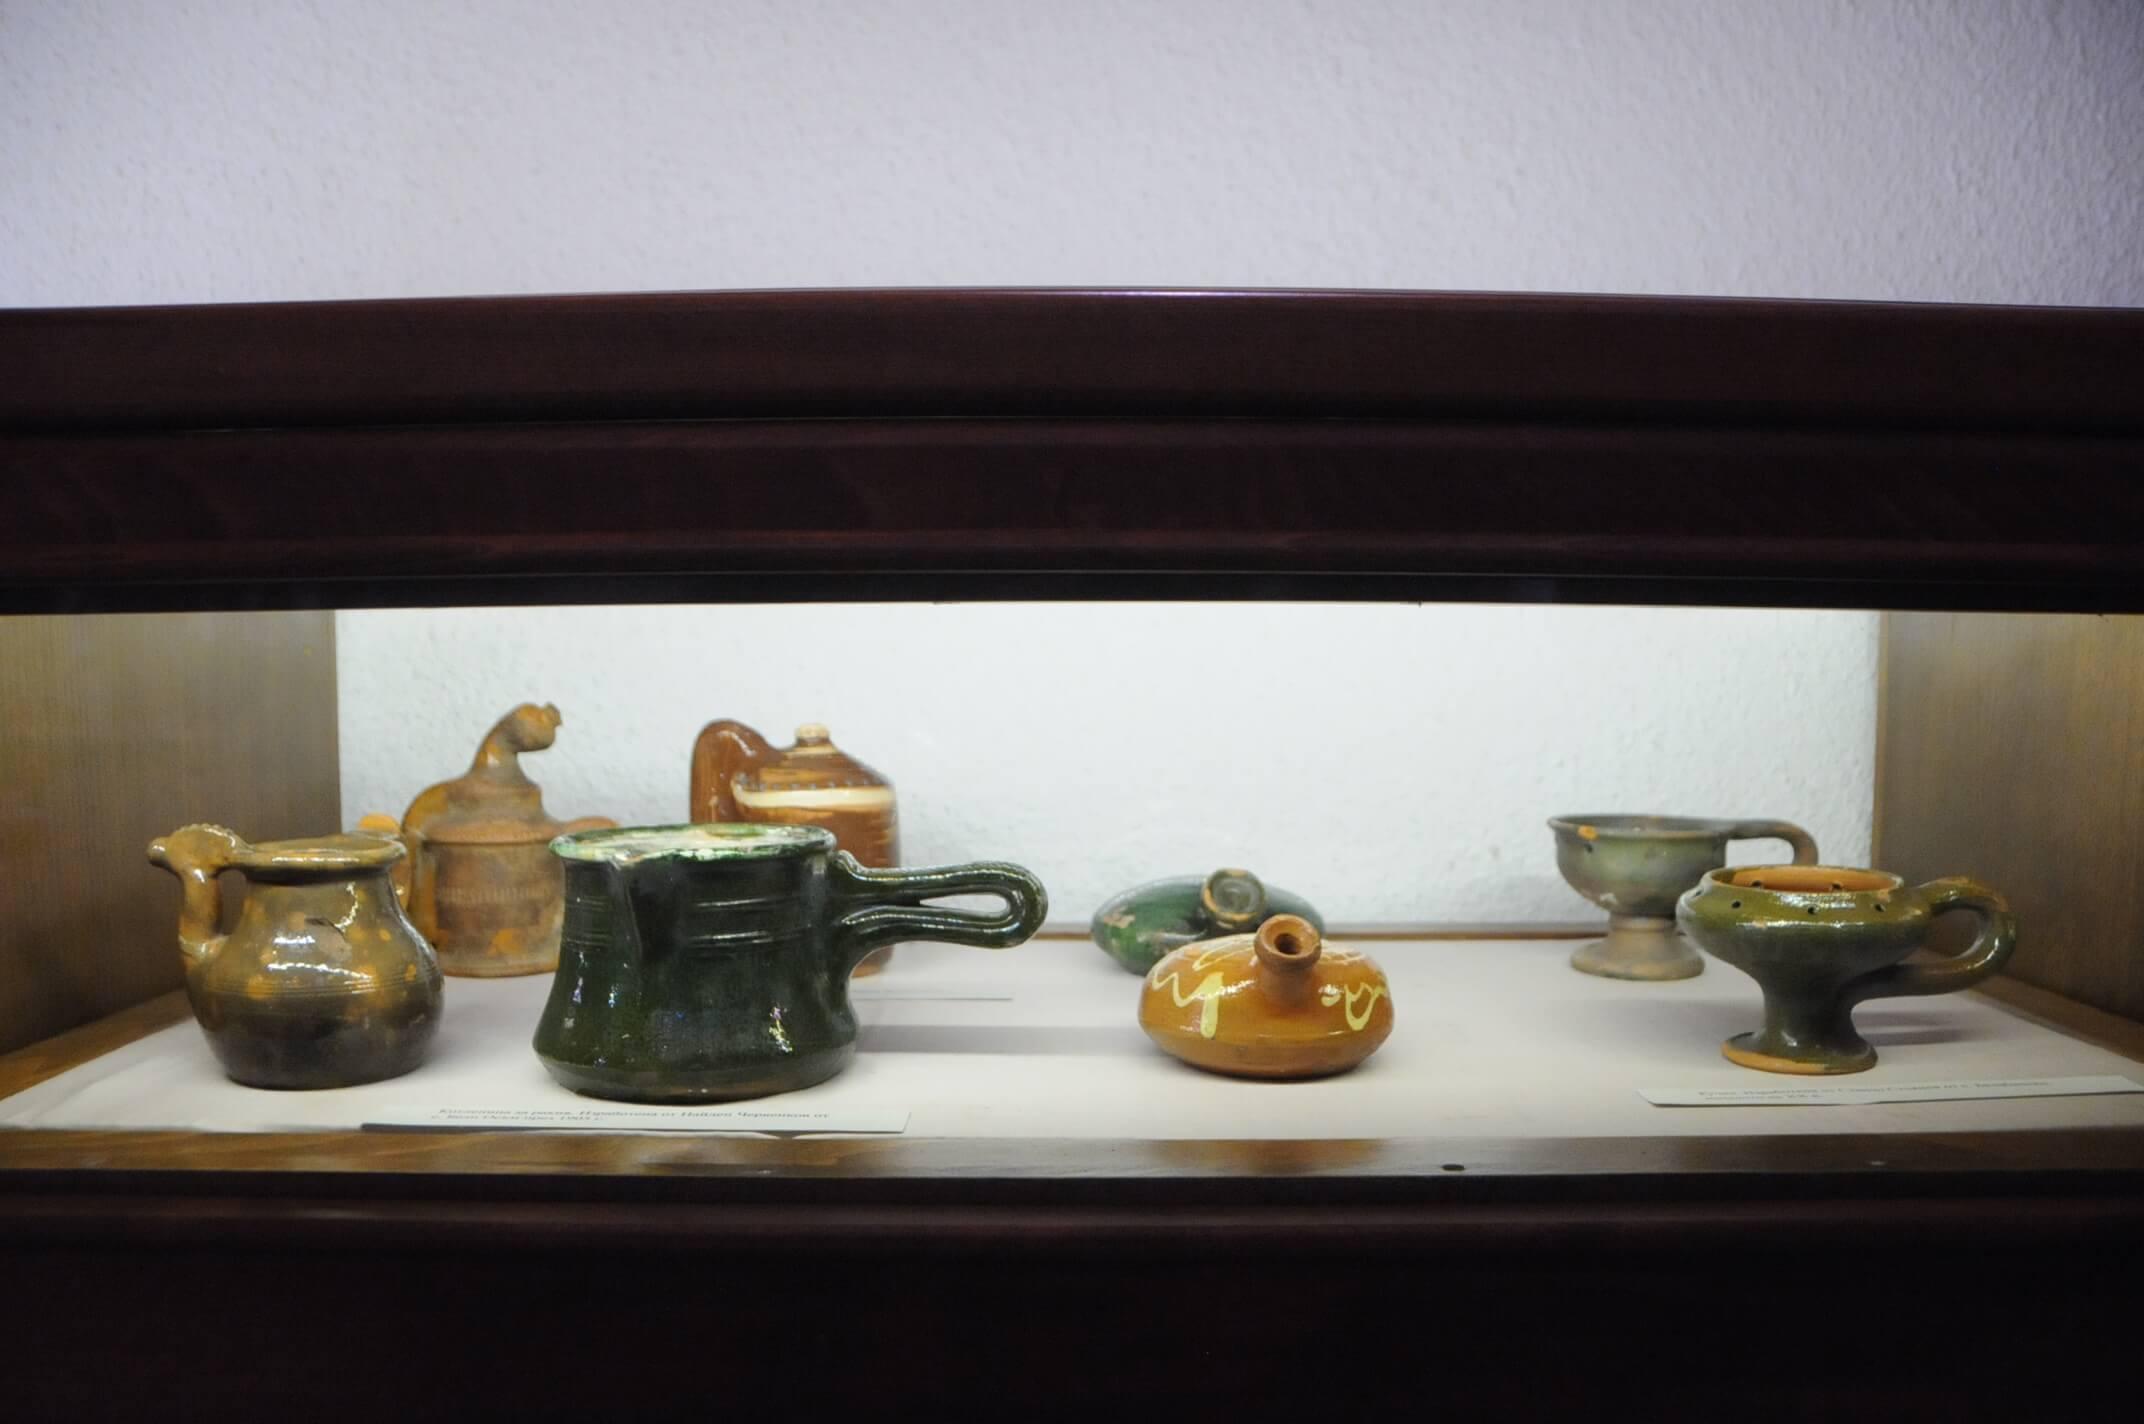 bogatstvoto-na-troyanskata-keramika (24)